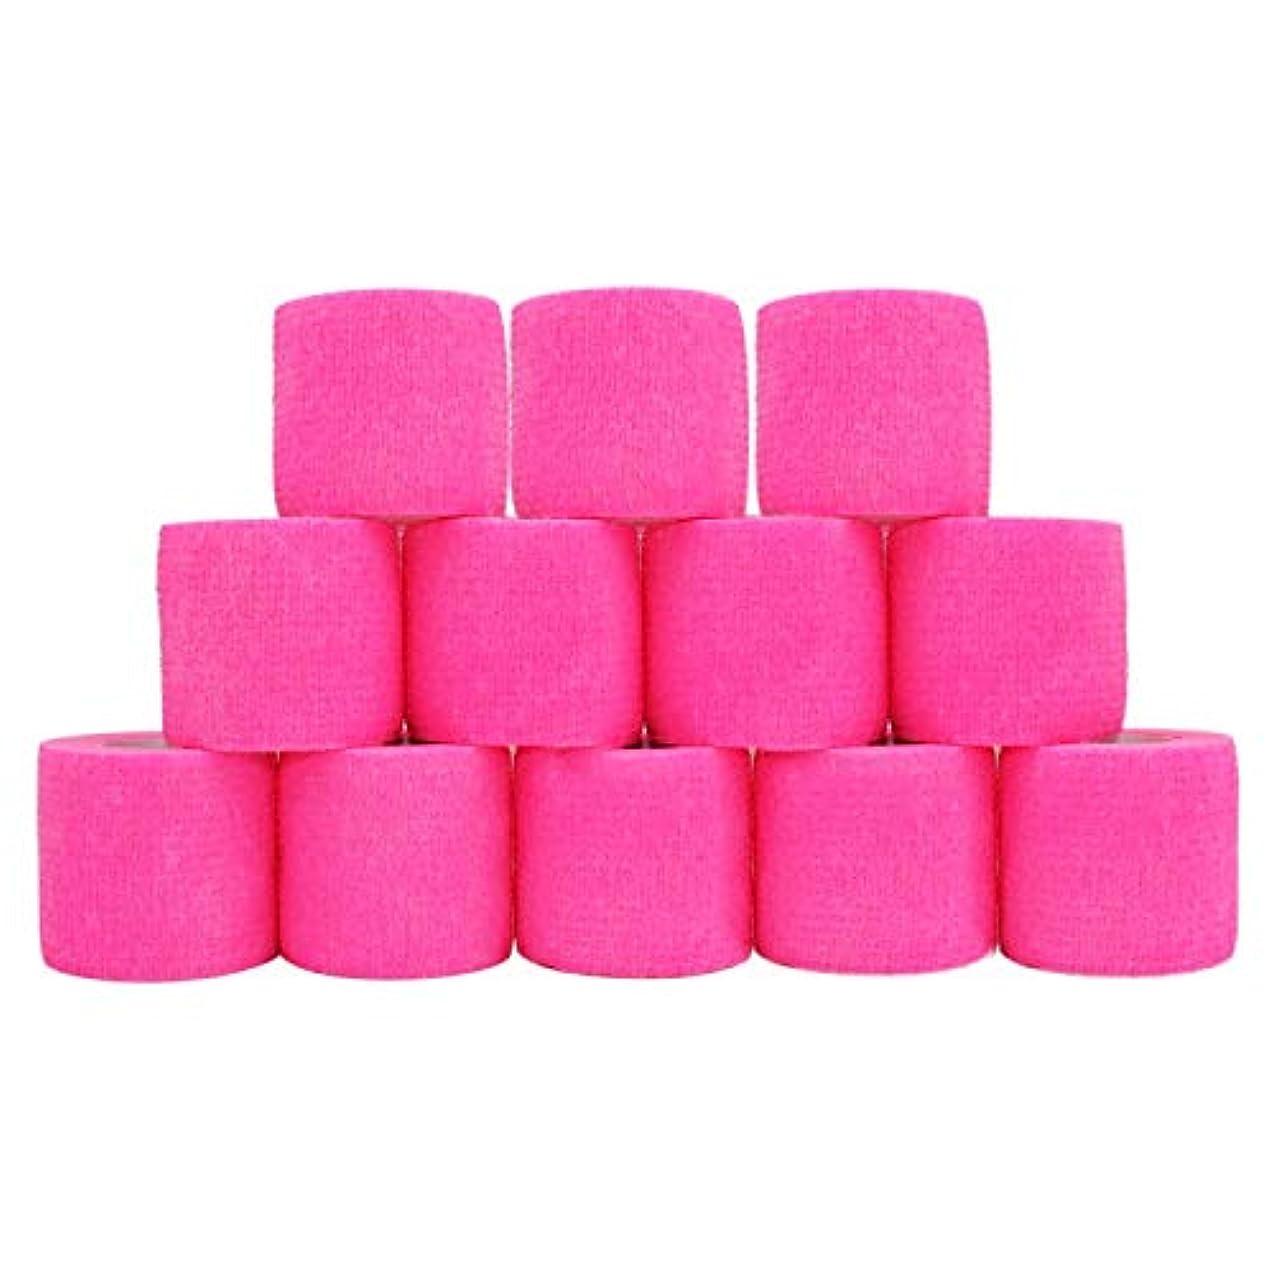 ほこり選ぶリーチ凝集包帯 柔らかくて快適 通気性が良く 防水性 5cm x 4.5 m ピンク12ロール